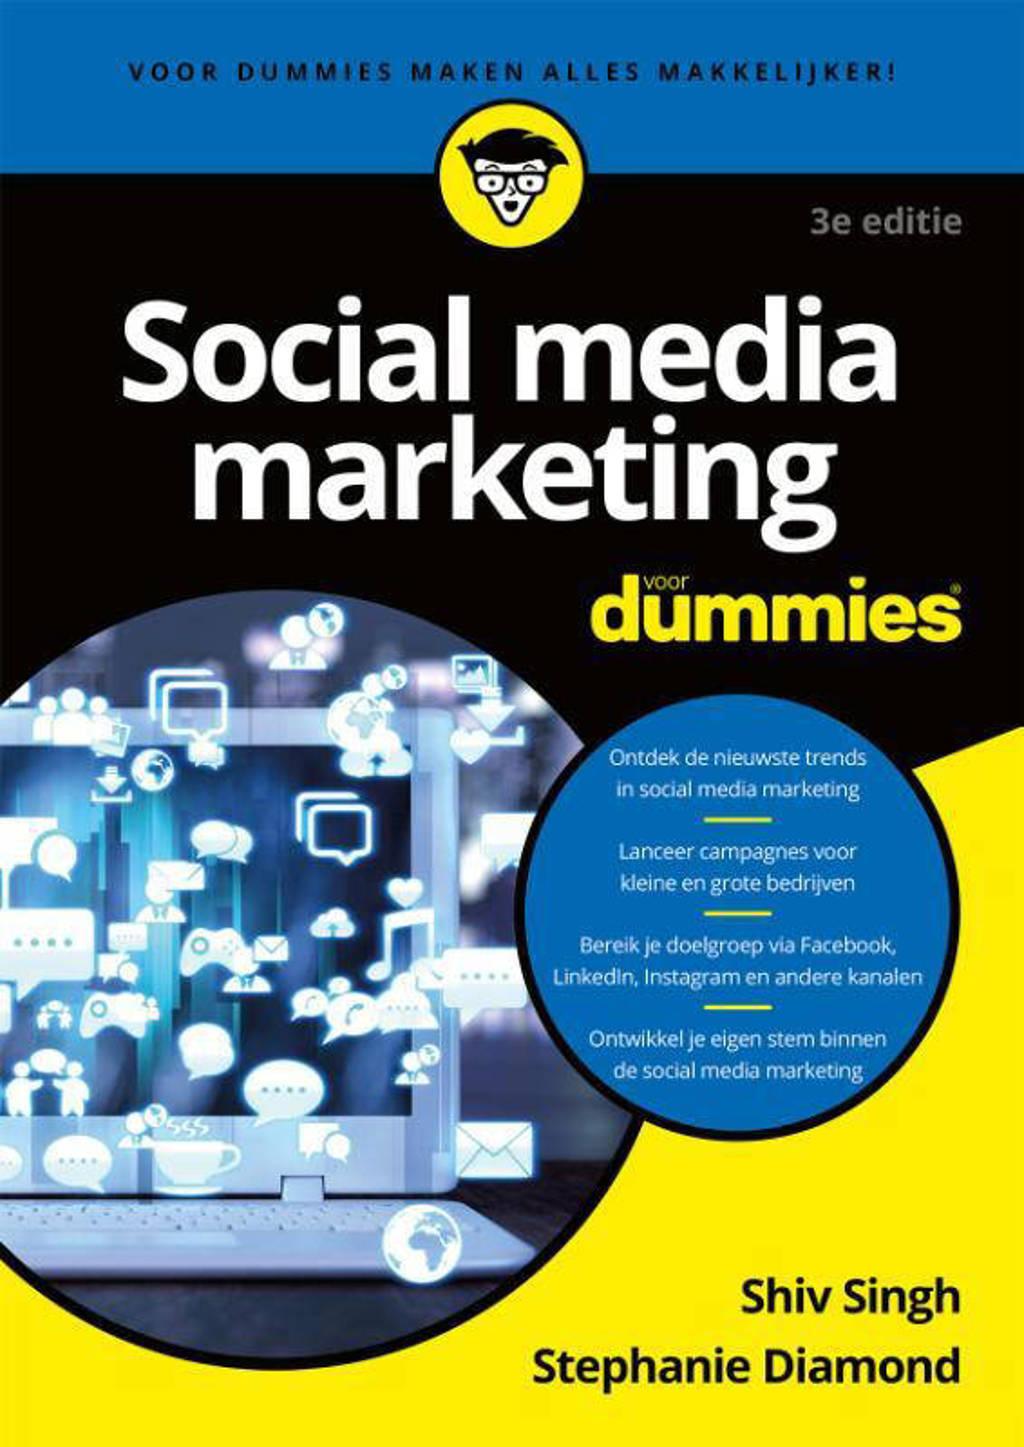 Voor Dummies: Social media marketing voor Dummies - Shiv Singh en Stephanie Diamond